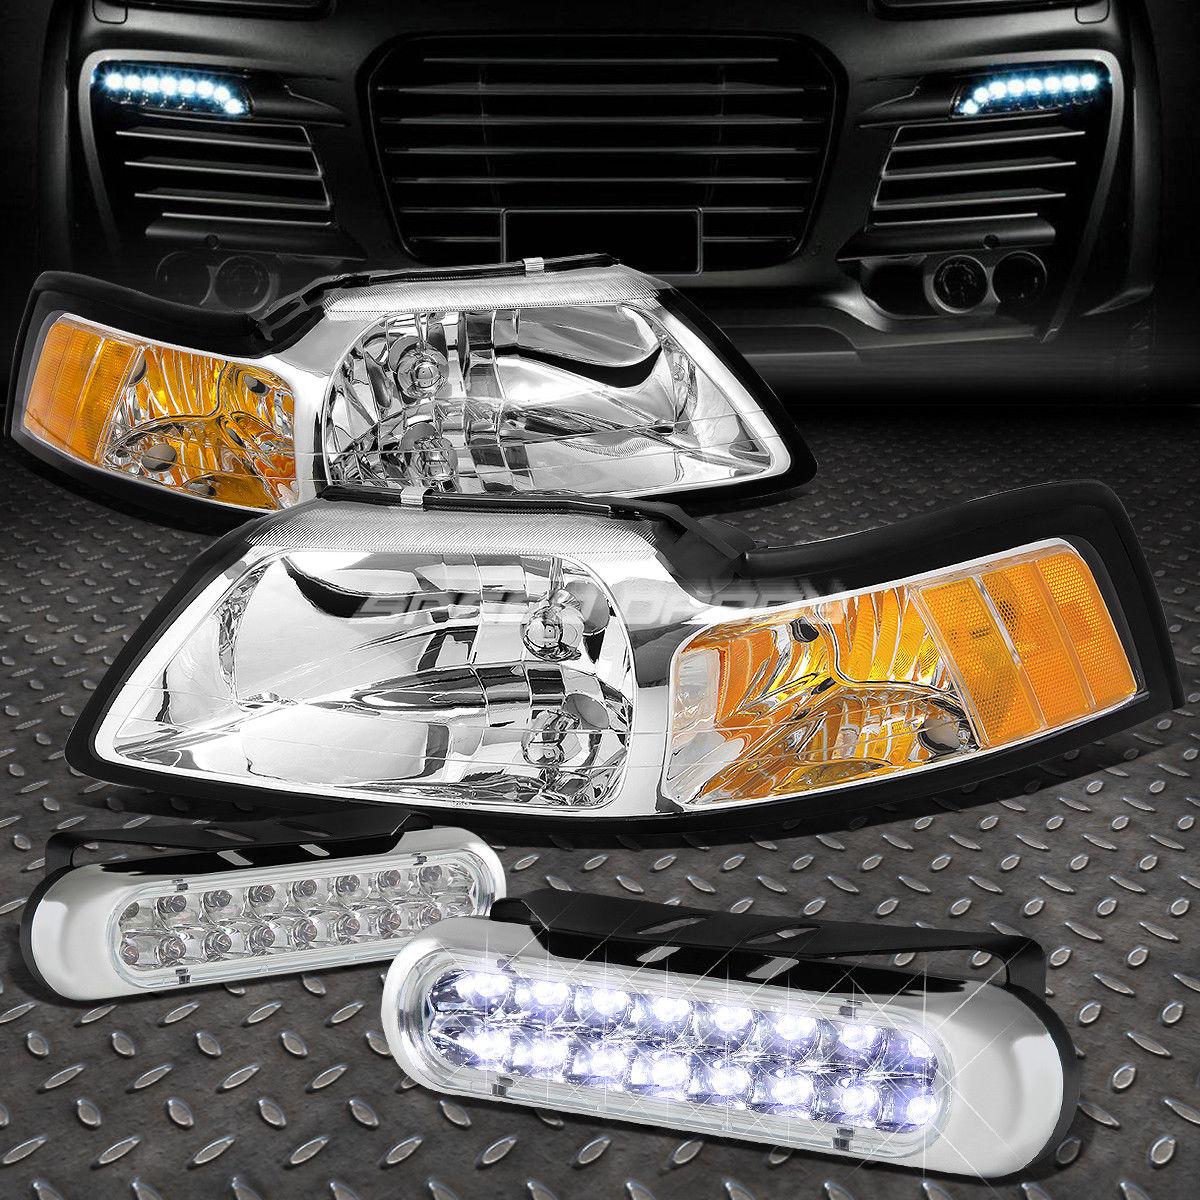 フォグライト CHROME LENS HEADLIGHT AMBER CORNER+16 LED GRILL FOG LIGHT FOR 99-04 MUSTANG SN95 CHROMEレンズヘッドライトアンバーコーナー+ LEDグローブFOGライト、99-04 MUSTANG SN95用